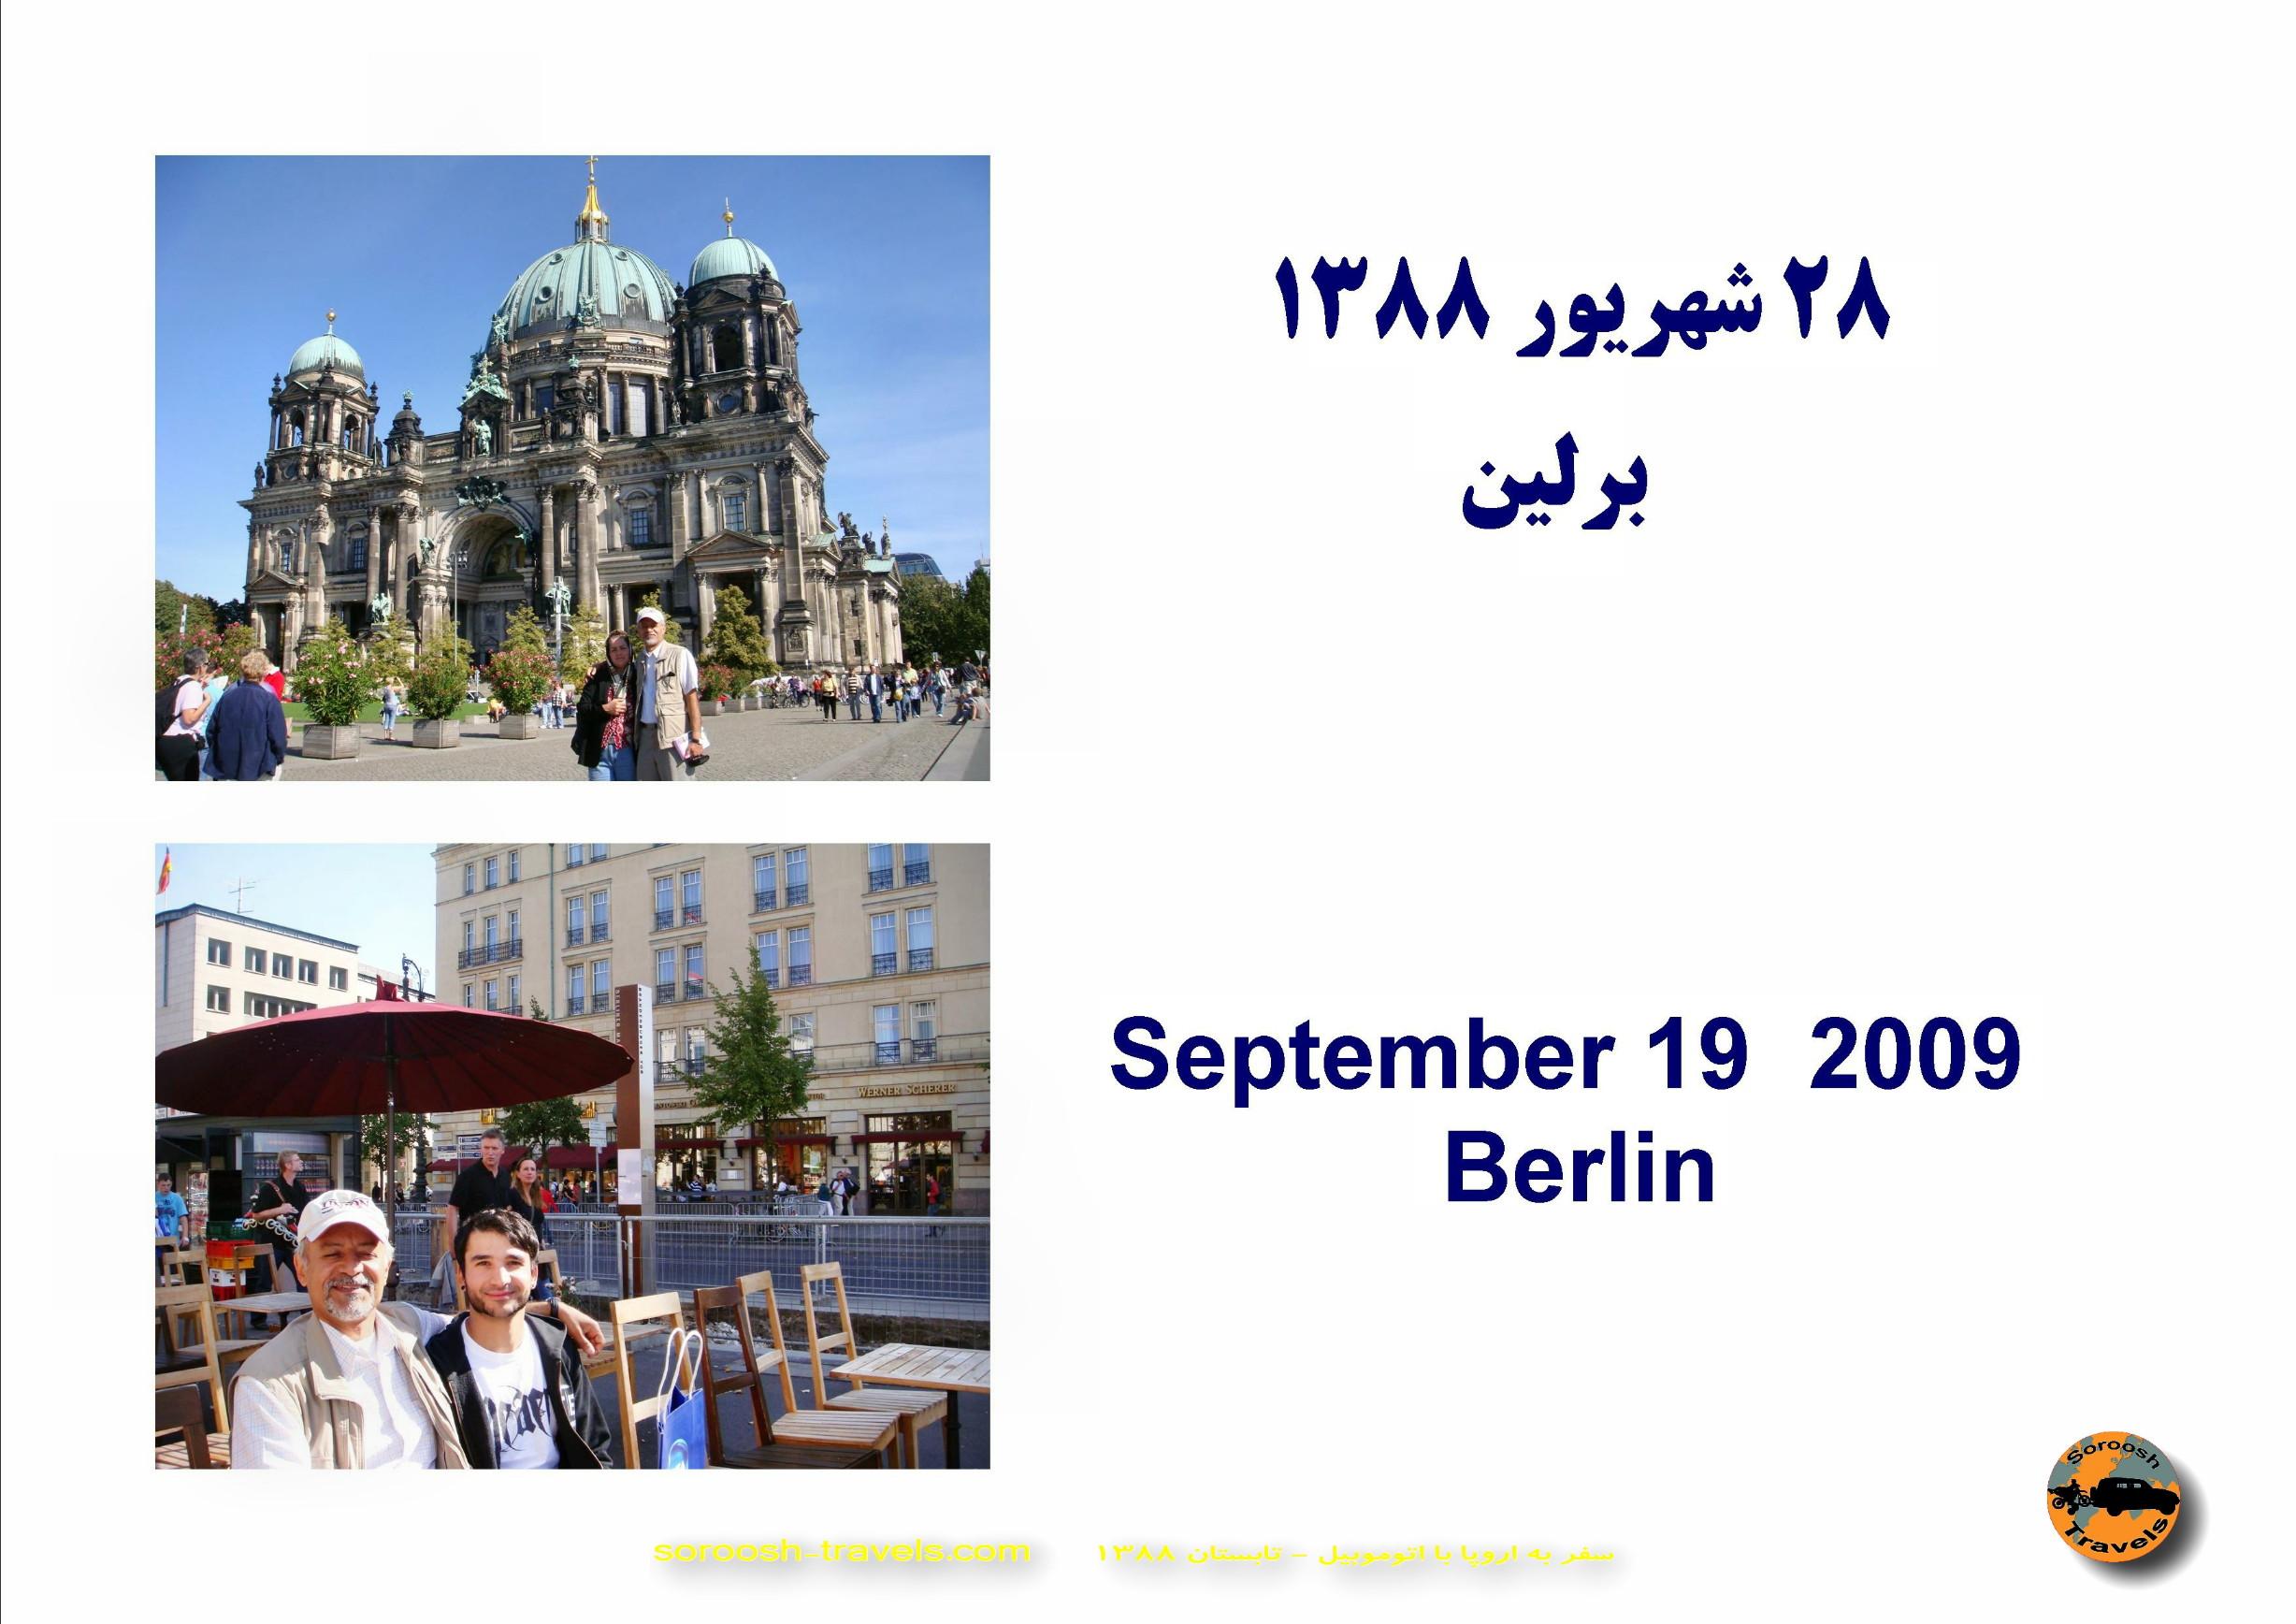 28-shahrivar-1388-19-september-2009-berlin-1